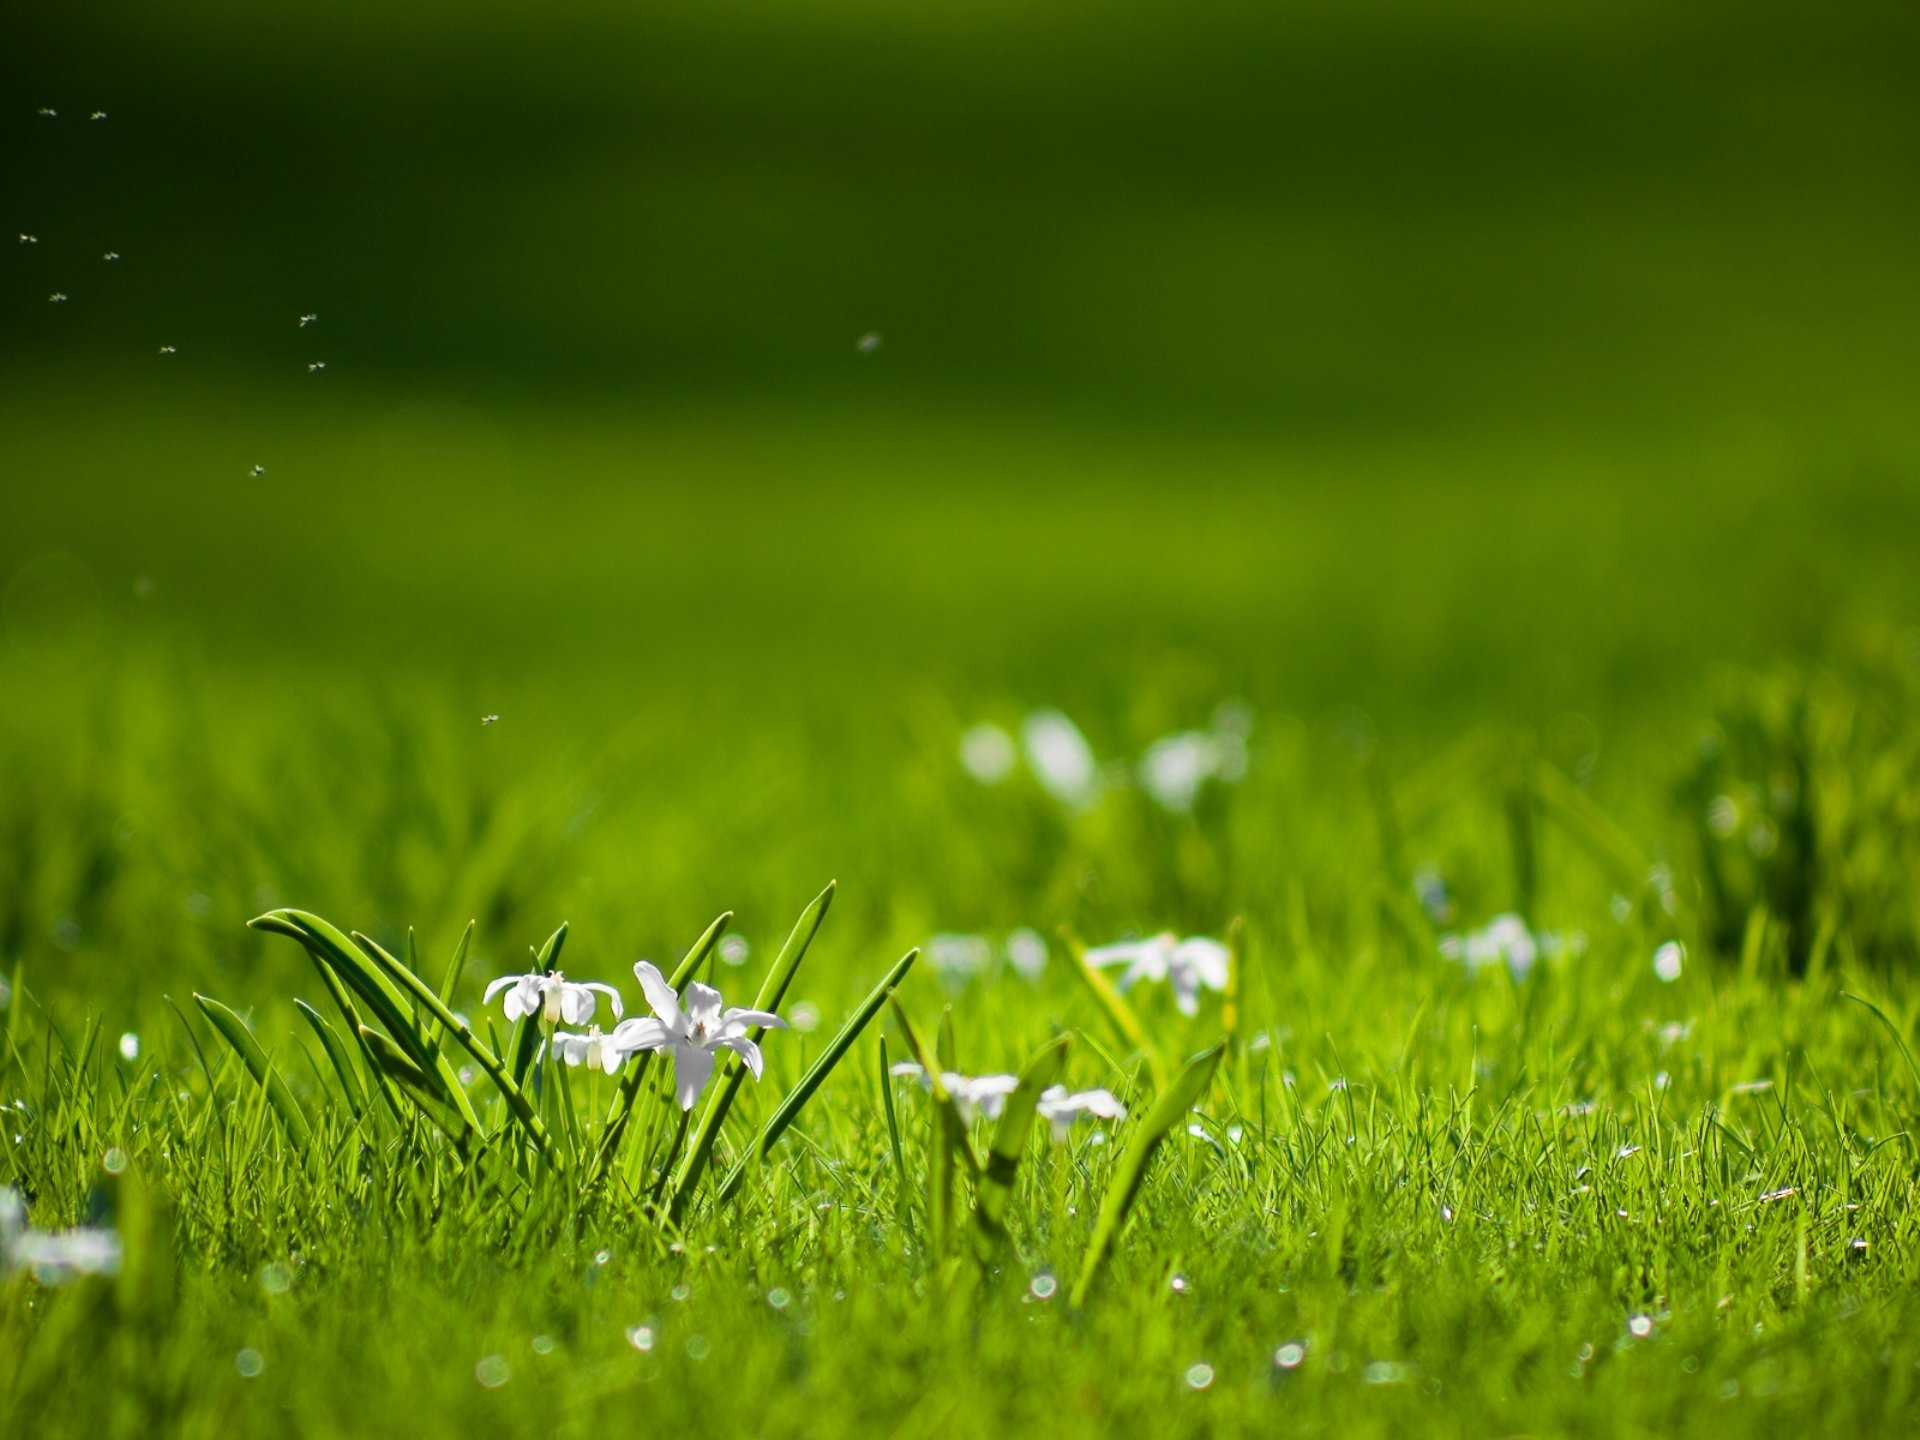 Как сохранить цвет зелени